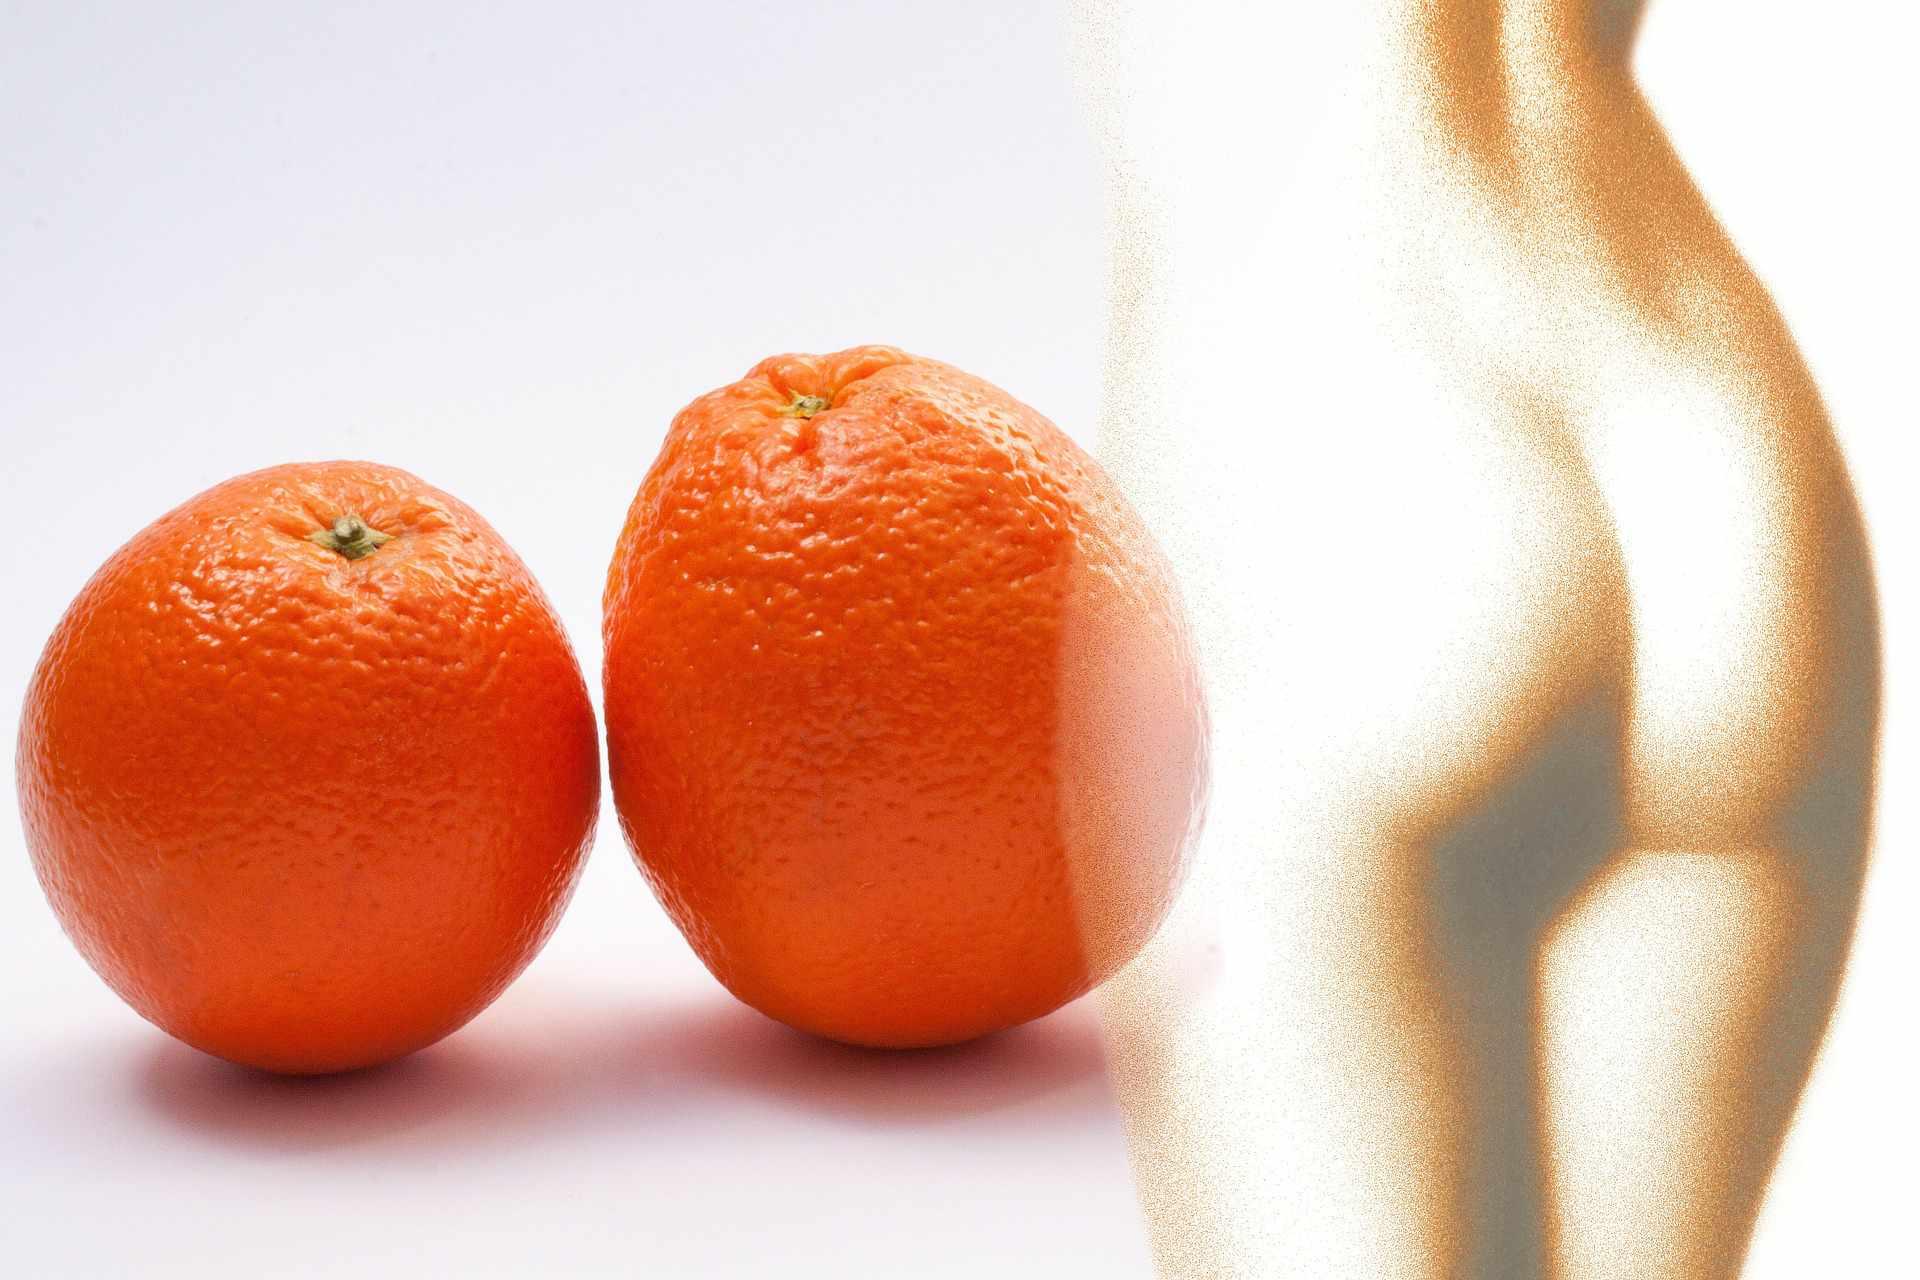 Celulitis-piel-de-naranja-stux-pixabay.jpg